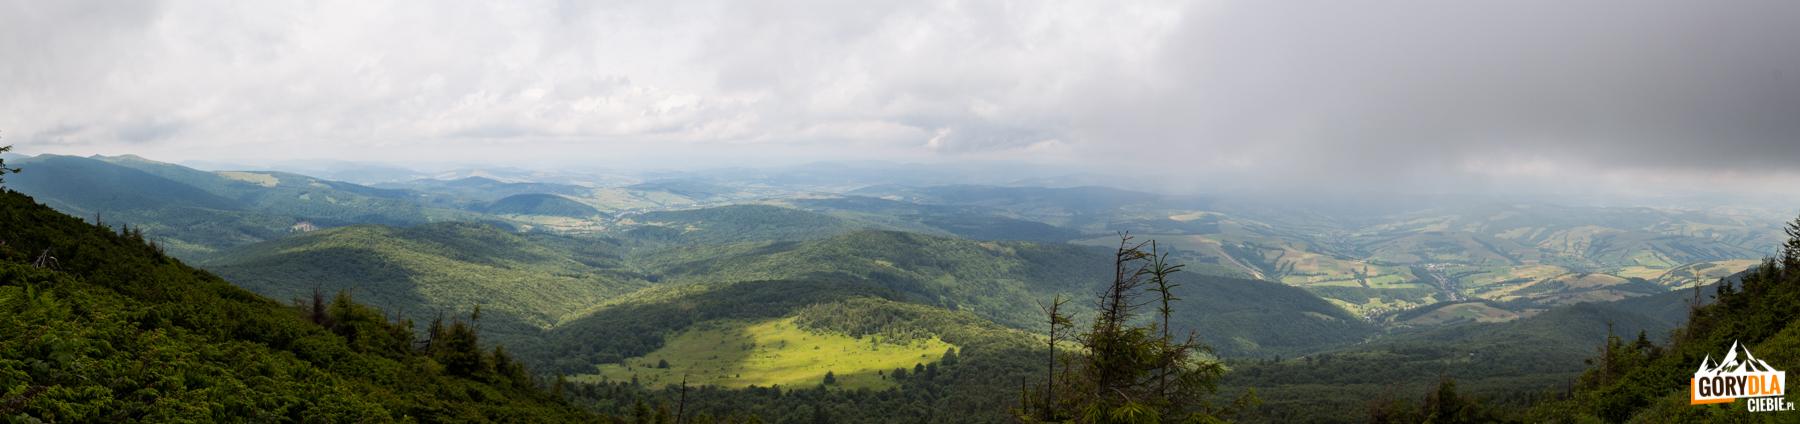 Panorama z trasy na szczyt Pikuja (1408 m)